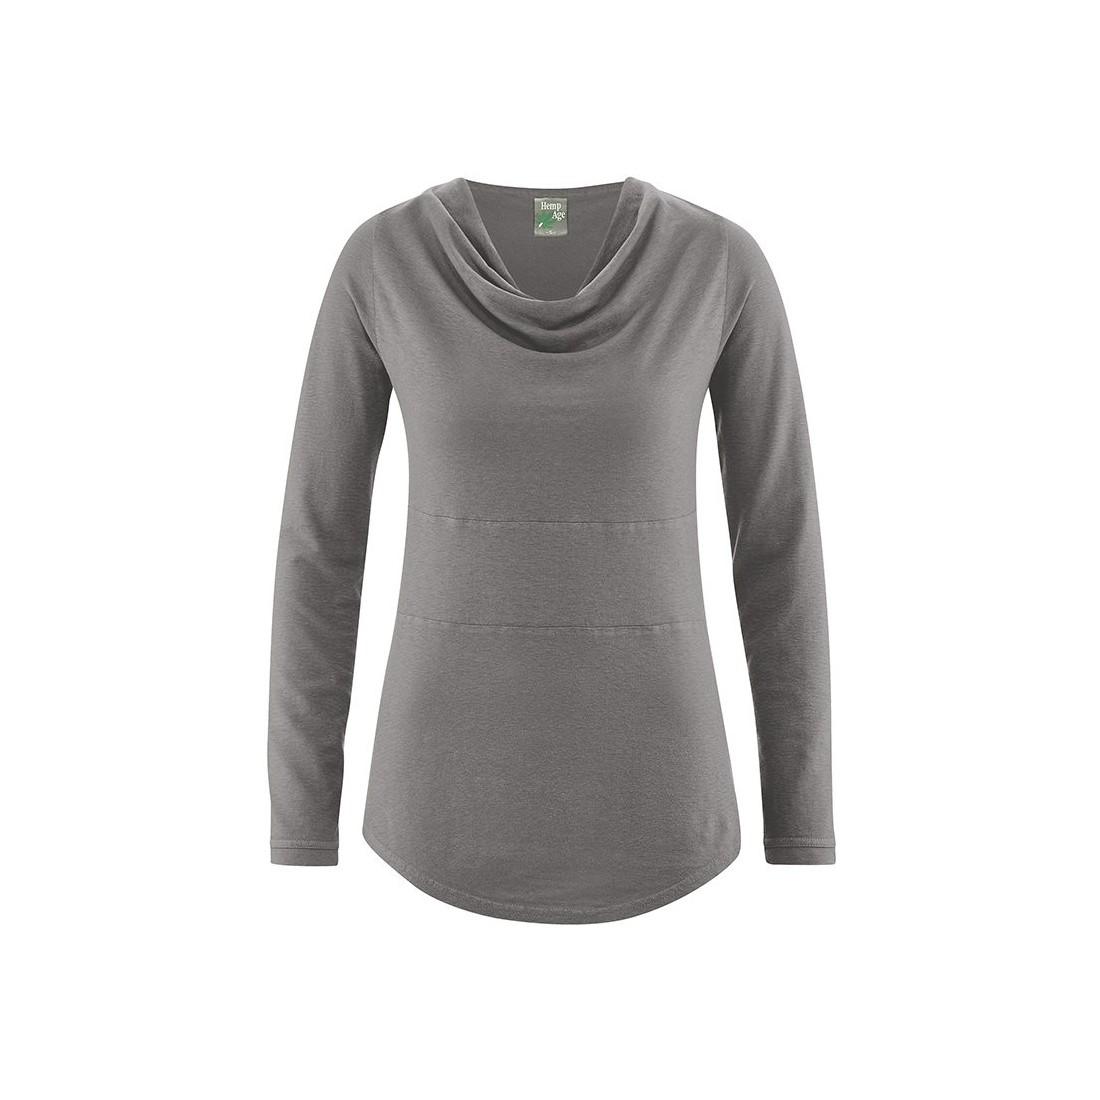 nuova collezione a897d 4331d Colletto della camicia drappeggiata - Canapa Cotone Biologico